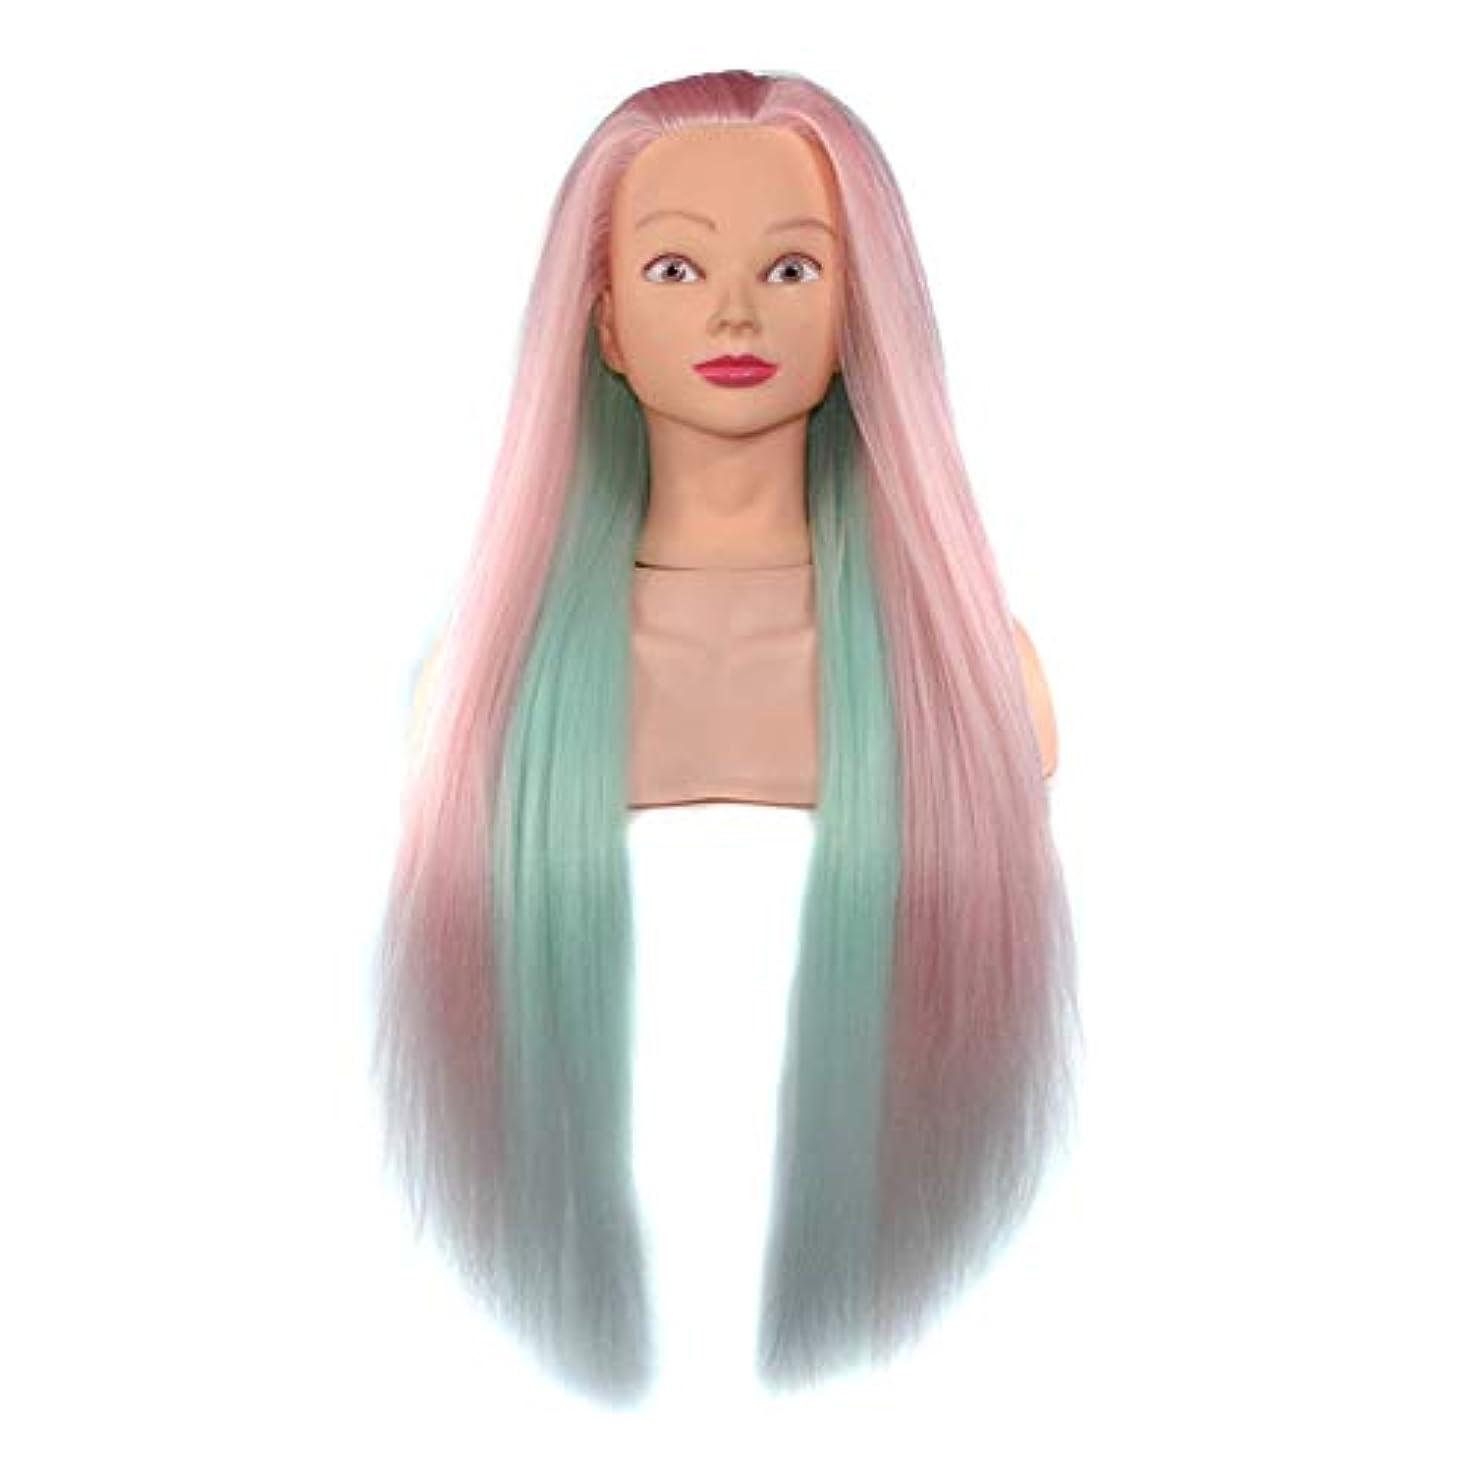 典型的なかけがえのない種類ヘアスタイリング練習ディスクヘア学習ヘッドモデル美容院高温ワイヤートレーニングヘッドマネキン人形ヘッド